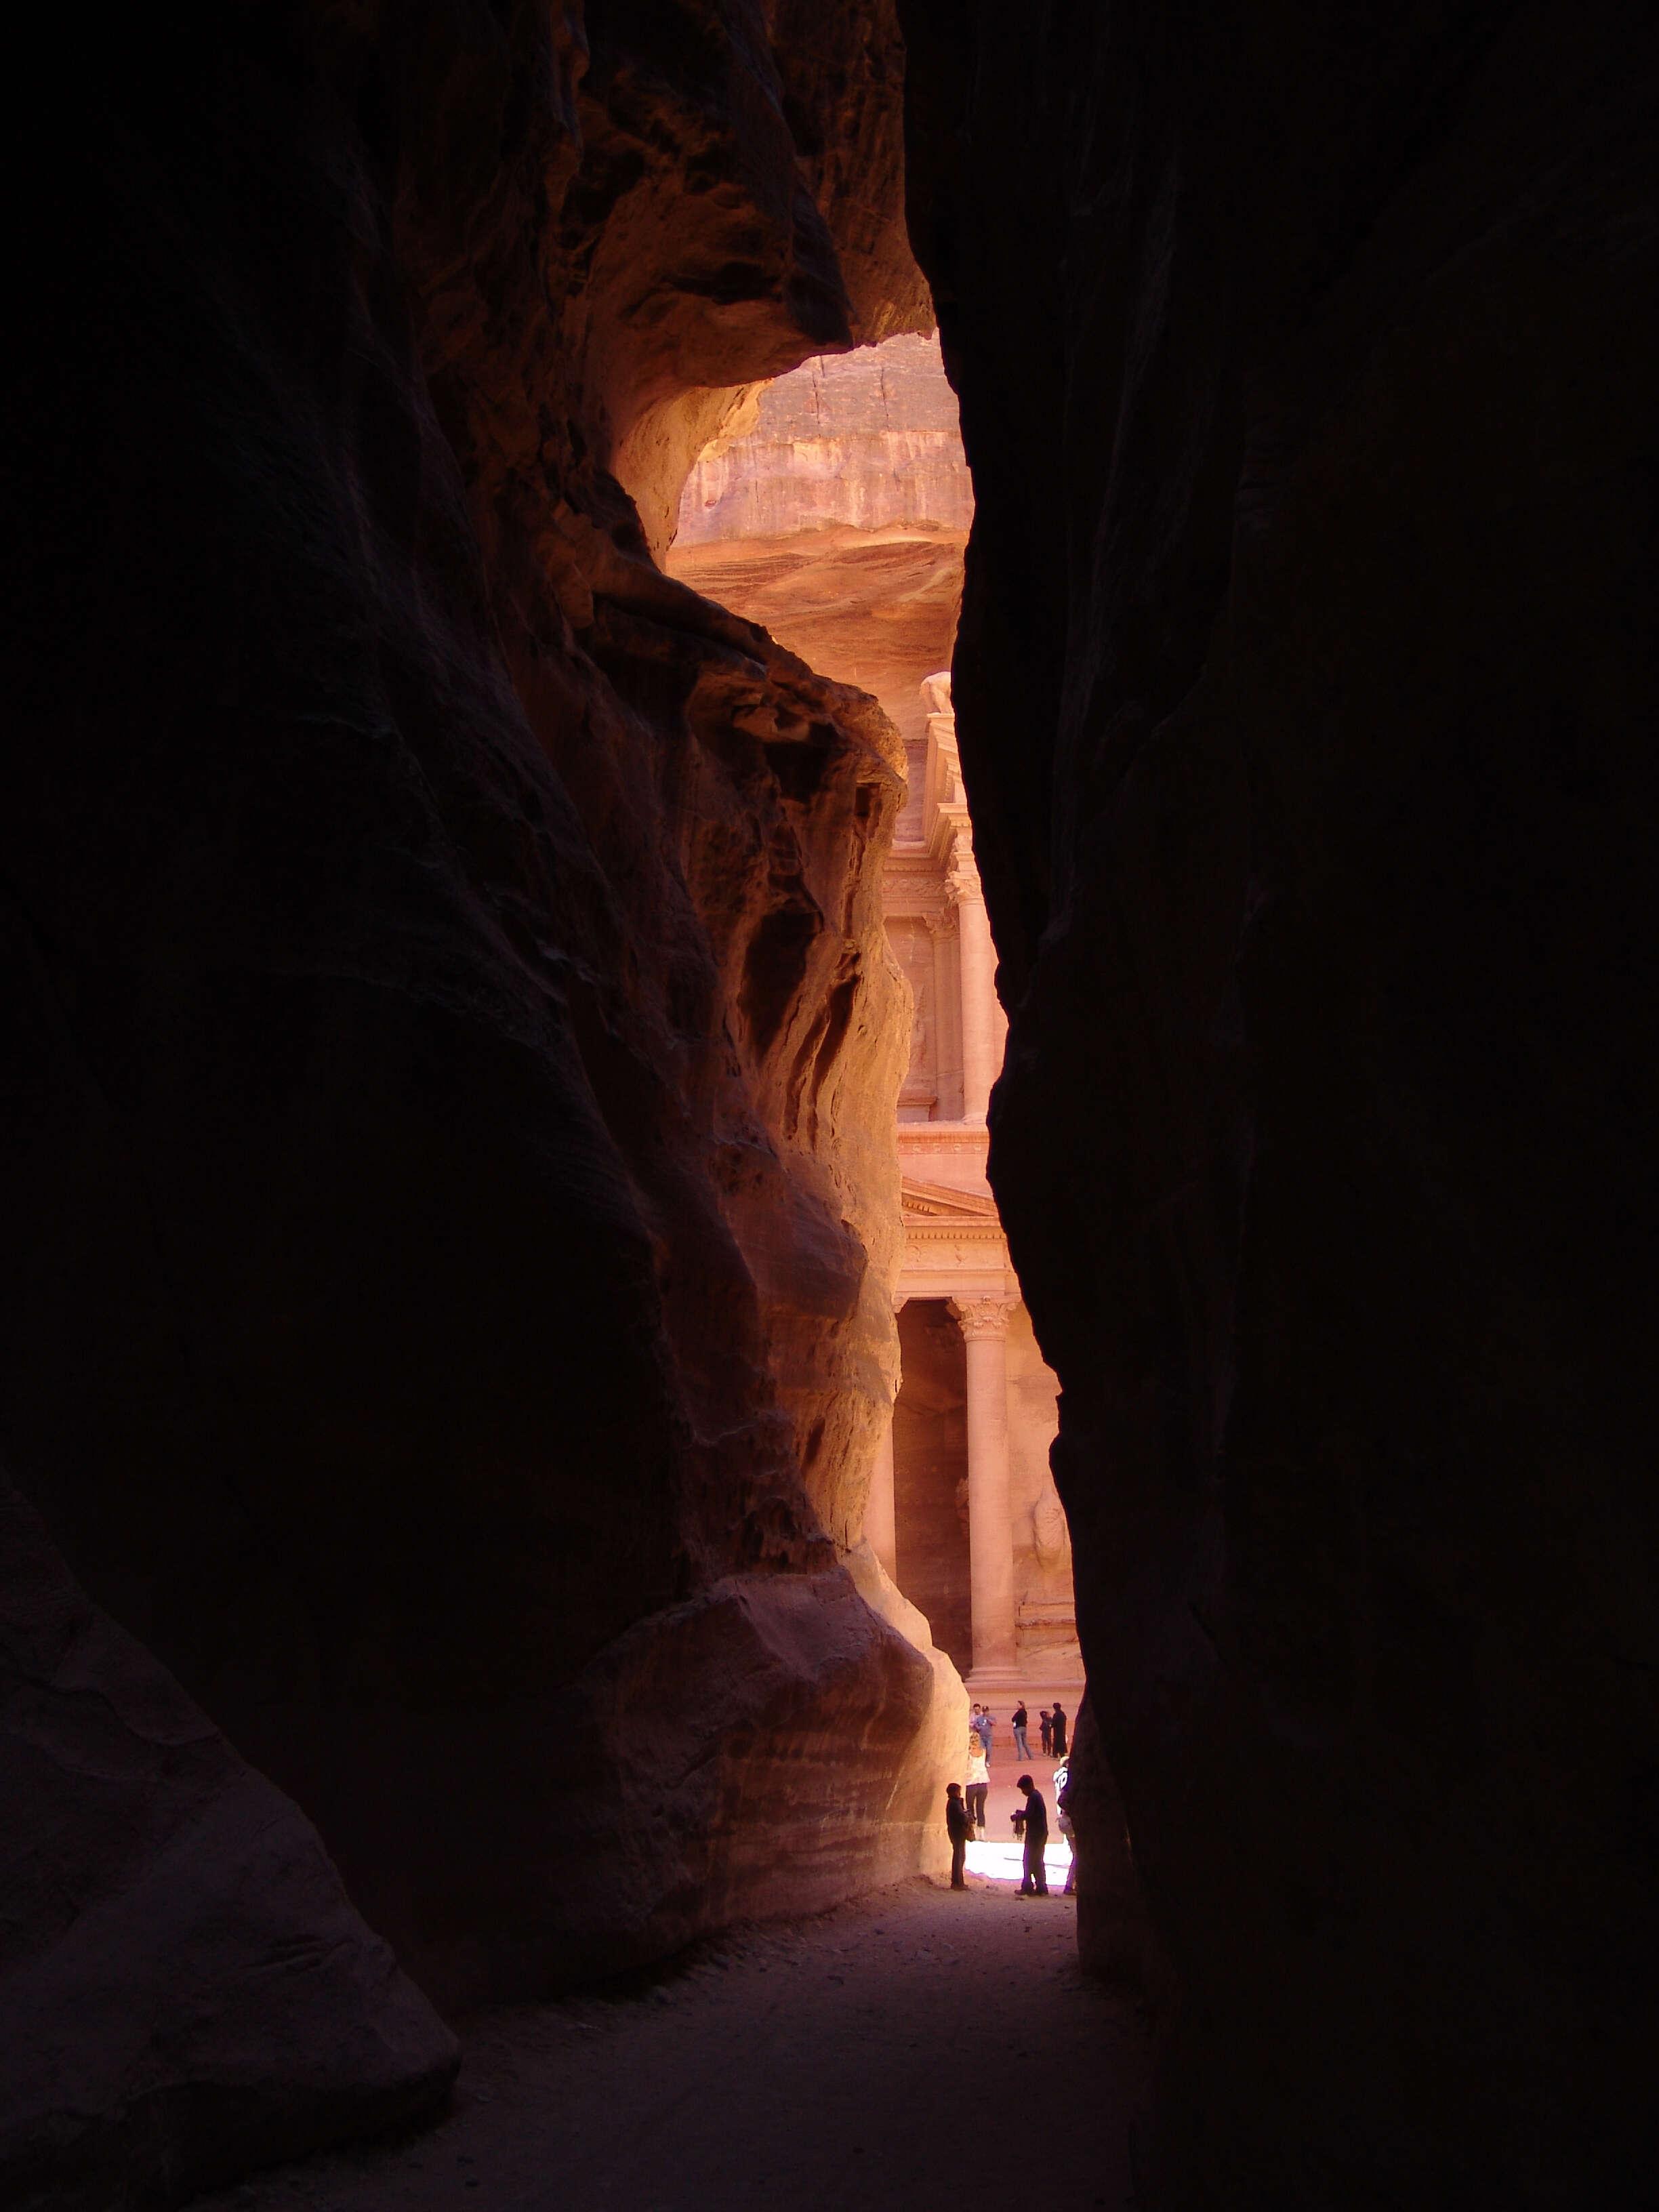 Saturday, November 9 / Petra Sightseeing